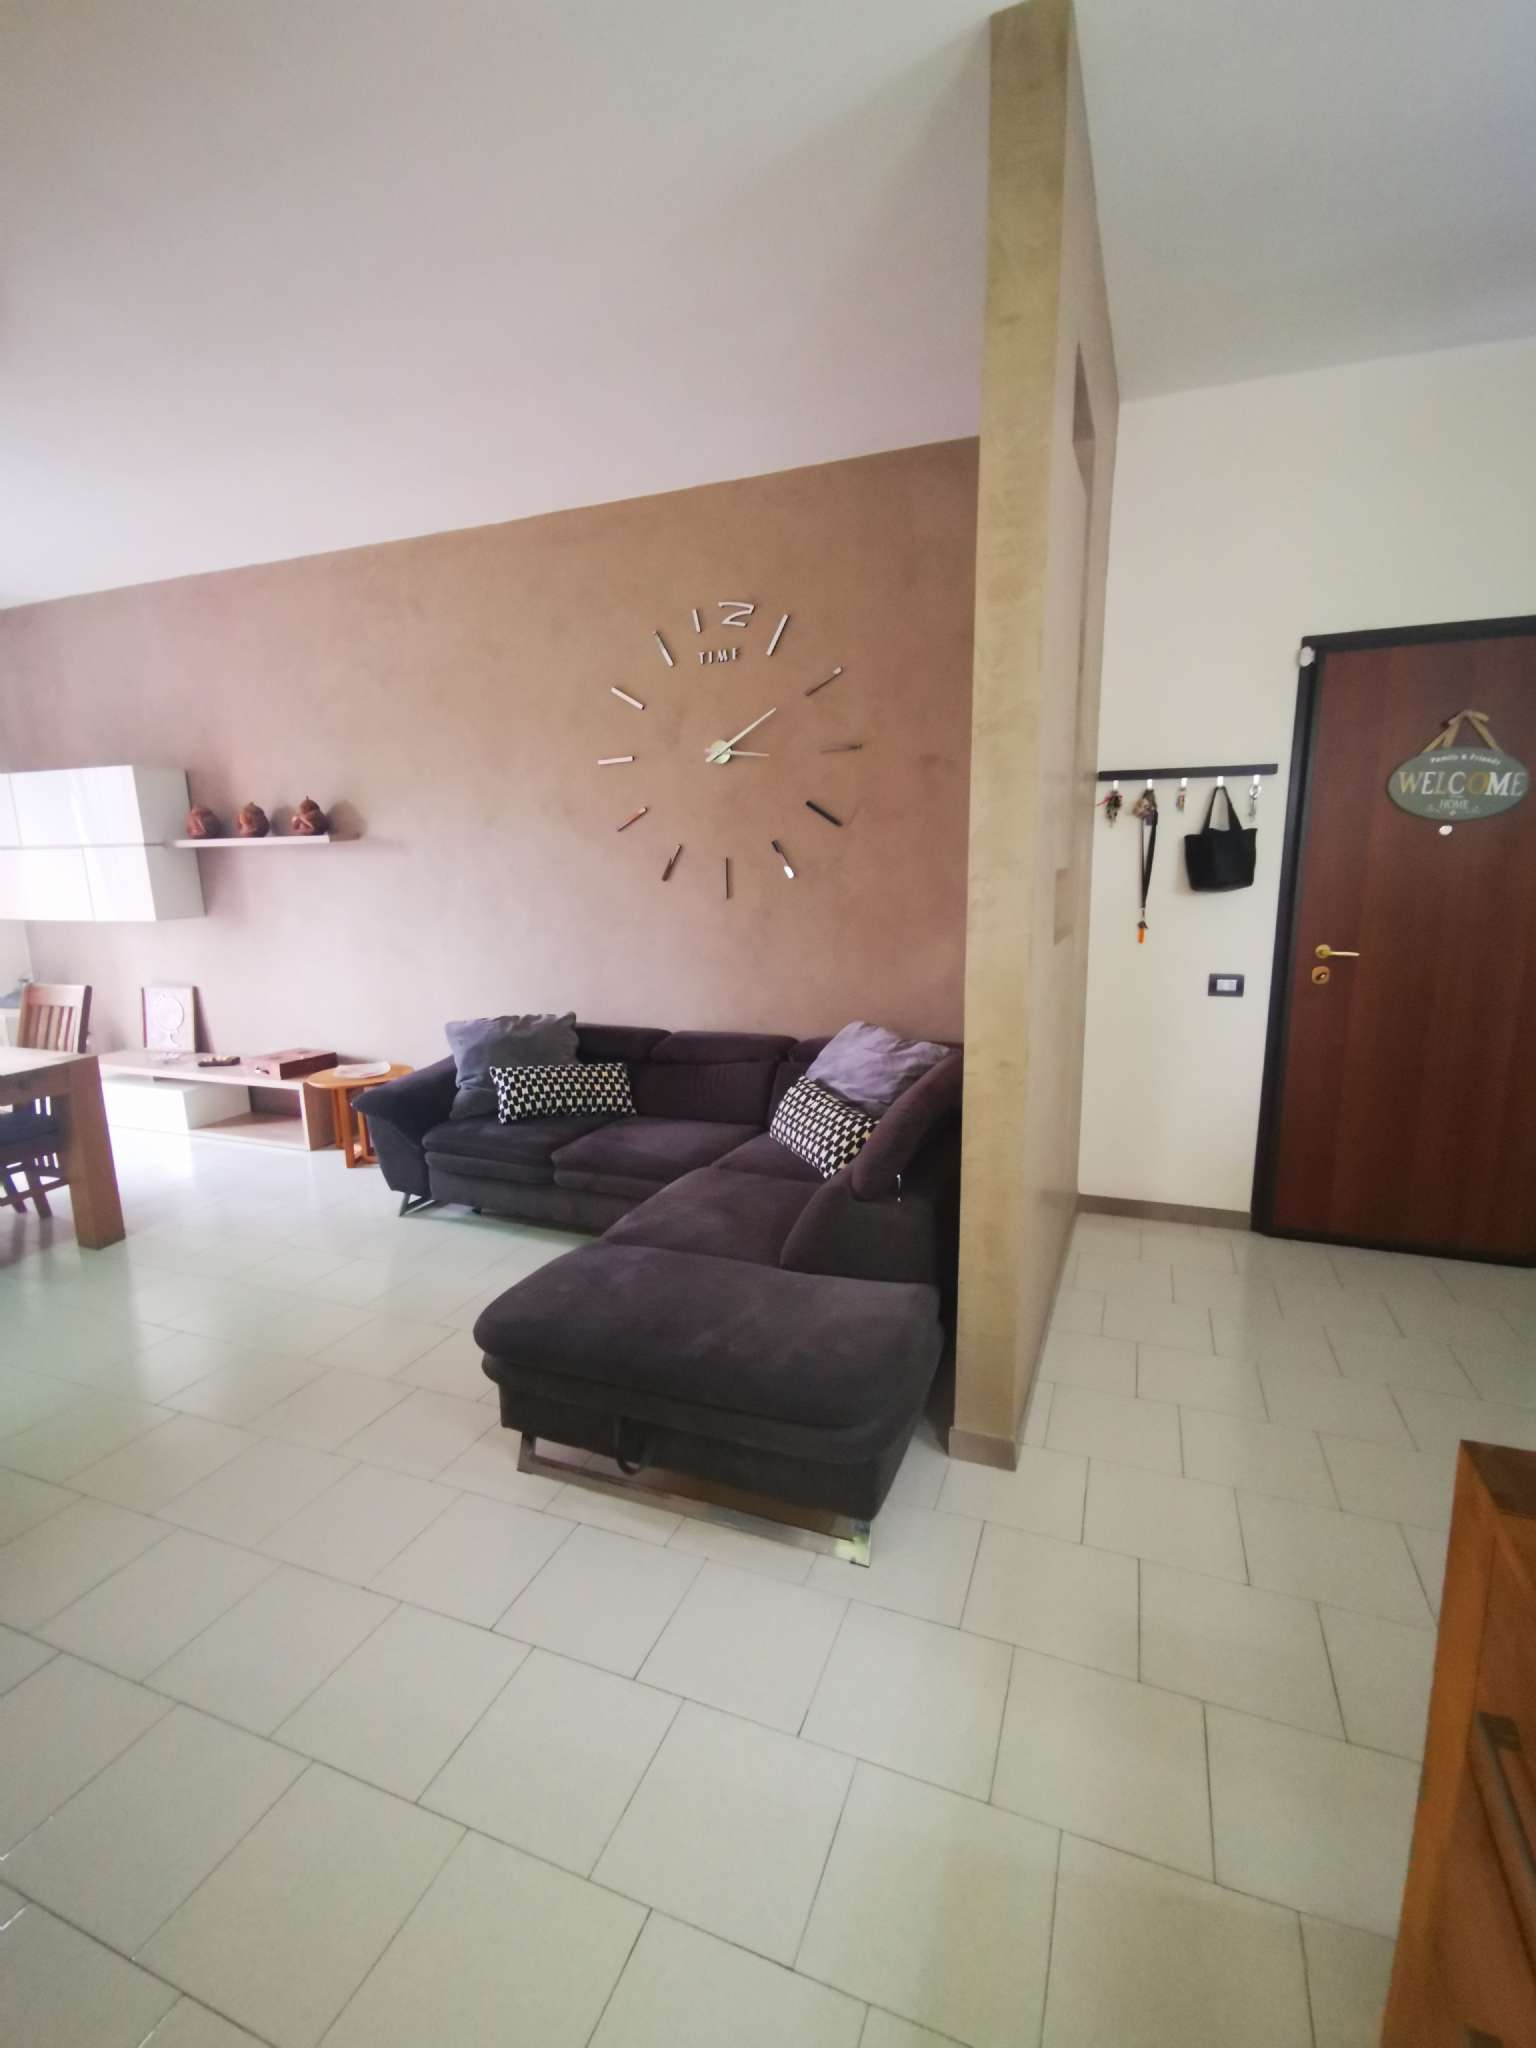 Appartamento in vendita a Vaiano Cremasco, 3 locali, prezzo € 110.000   PortaleAgenzieImmobiliari.it